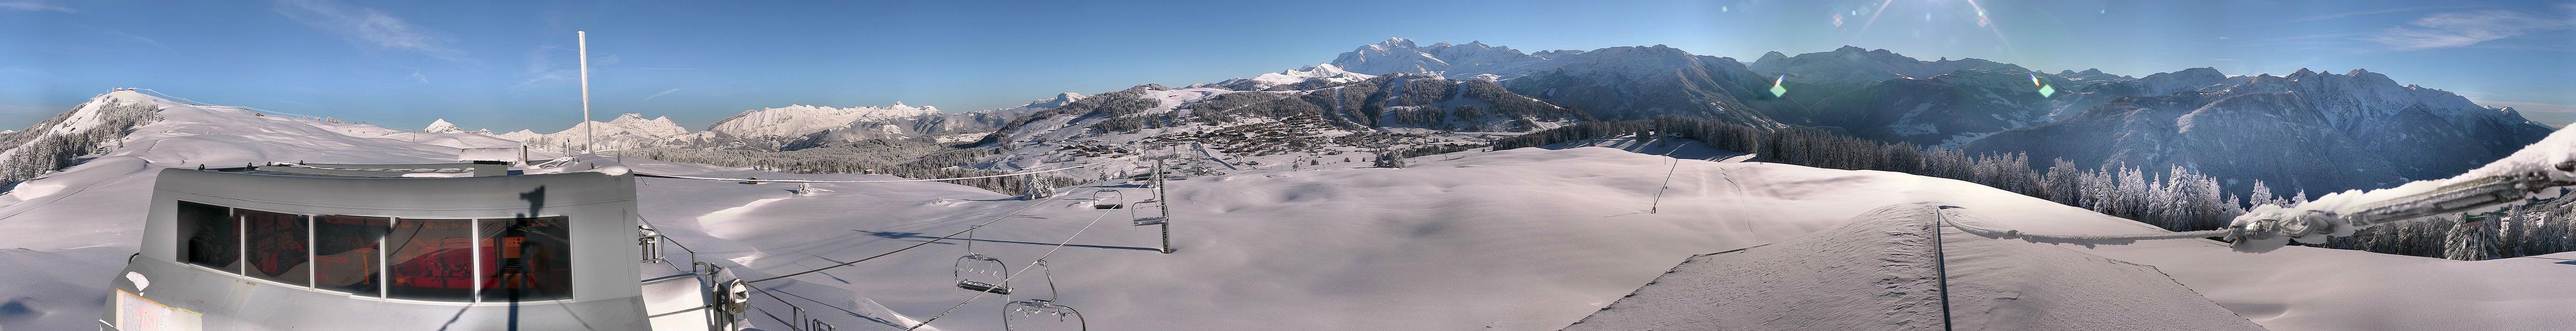 La Chaîne du Mont Blanc depuis le sommet du Télésiège du Manant